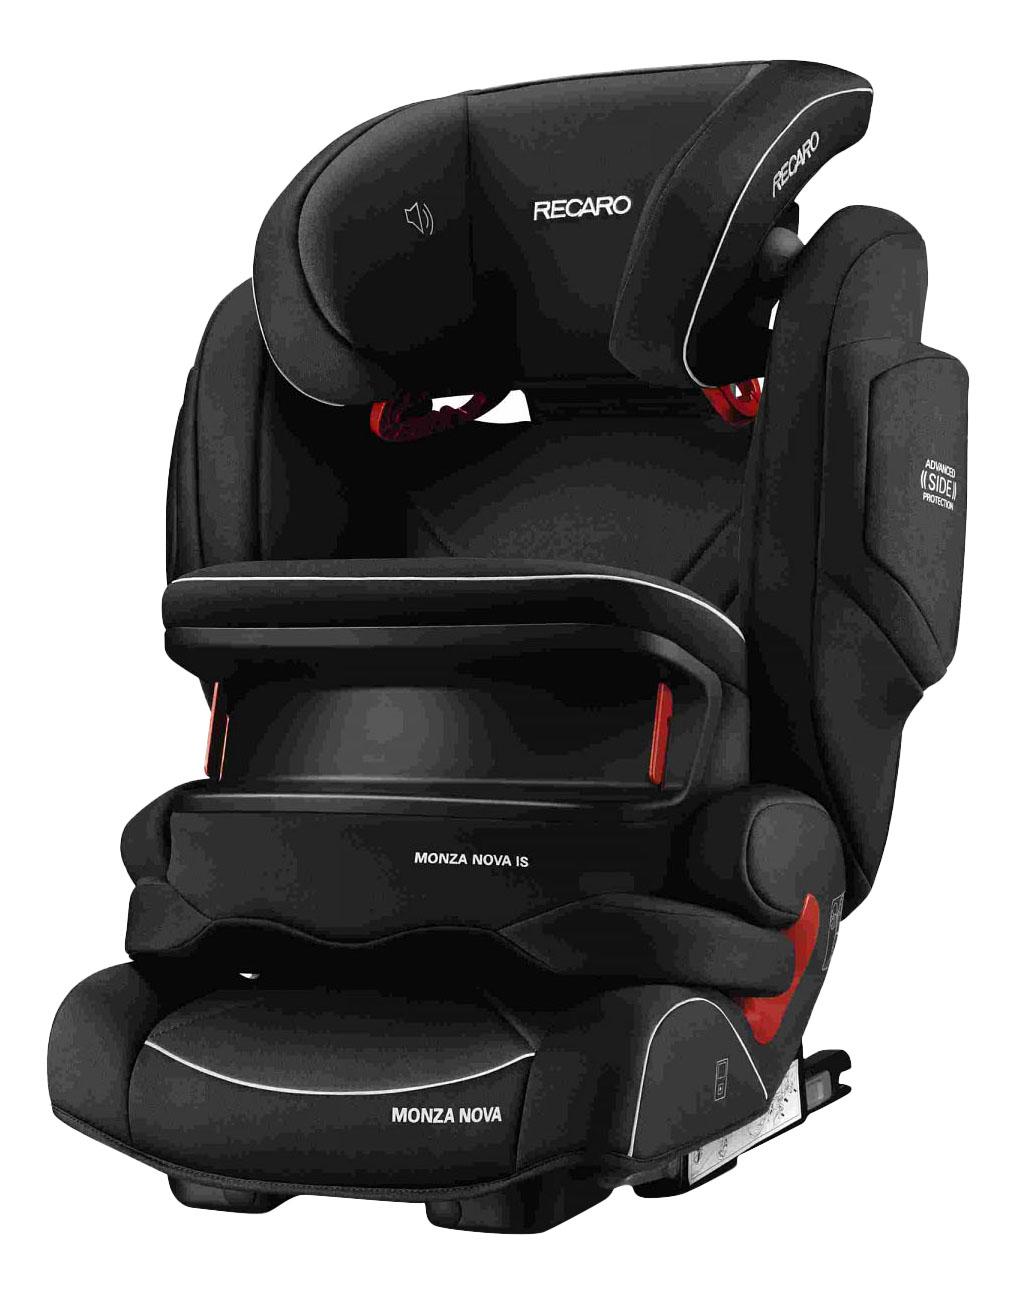 Купить Автокресло RECARO Monza Nova IS Seatfix группа 1/2/3, Черный, Детские автокресла